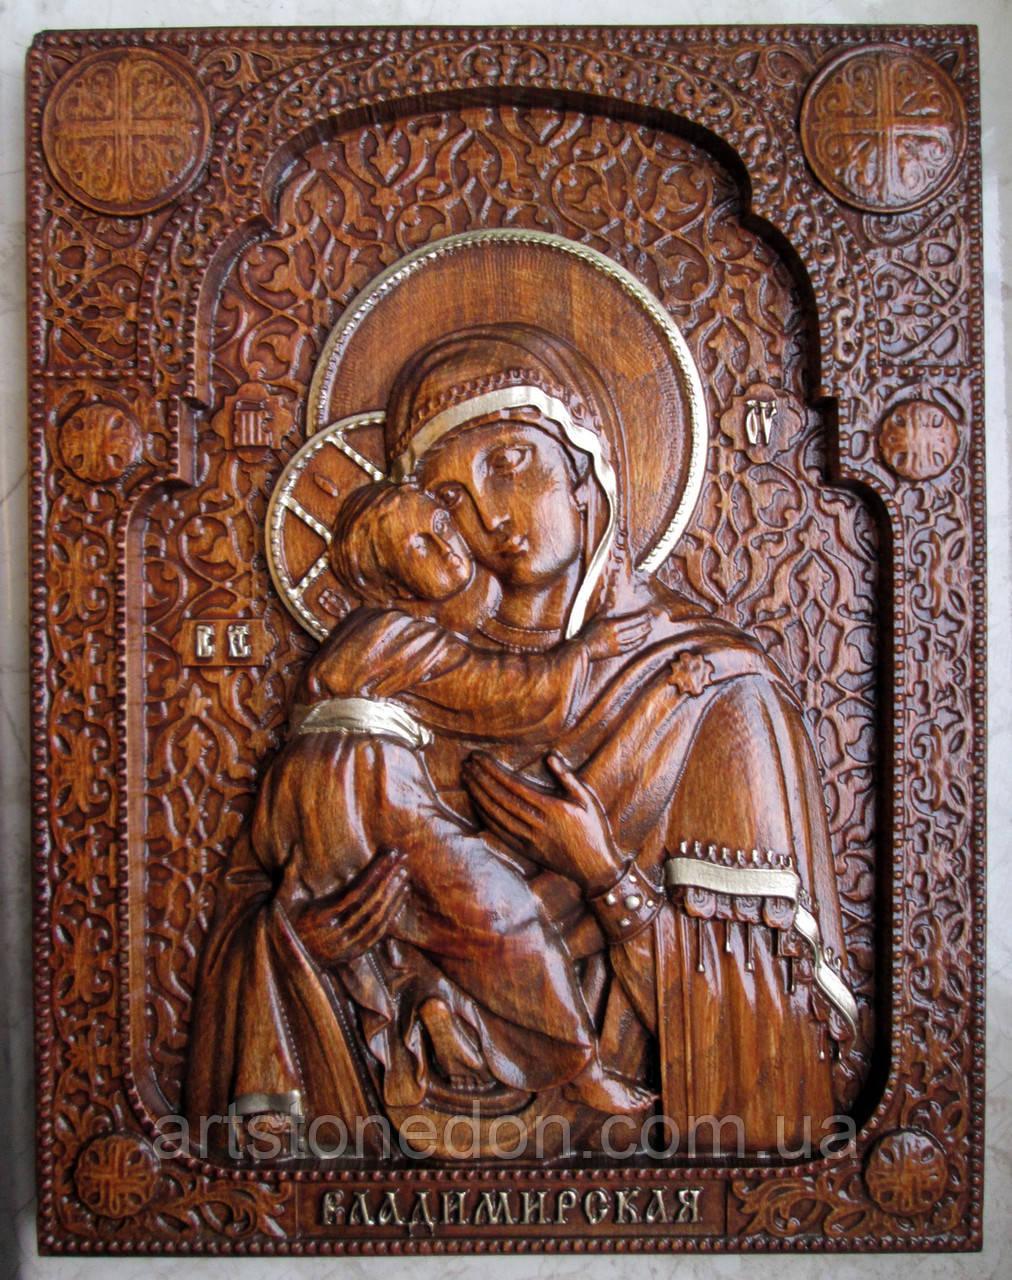 Икона резная Владимирская Божья Матерь с позолтой